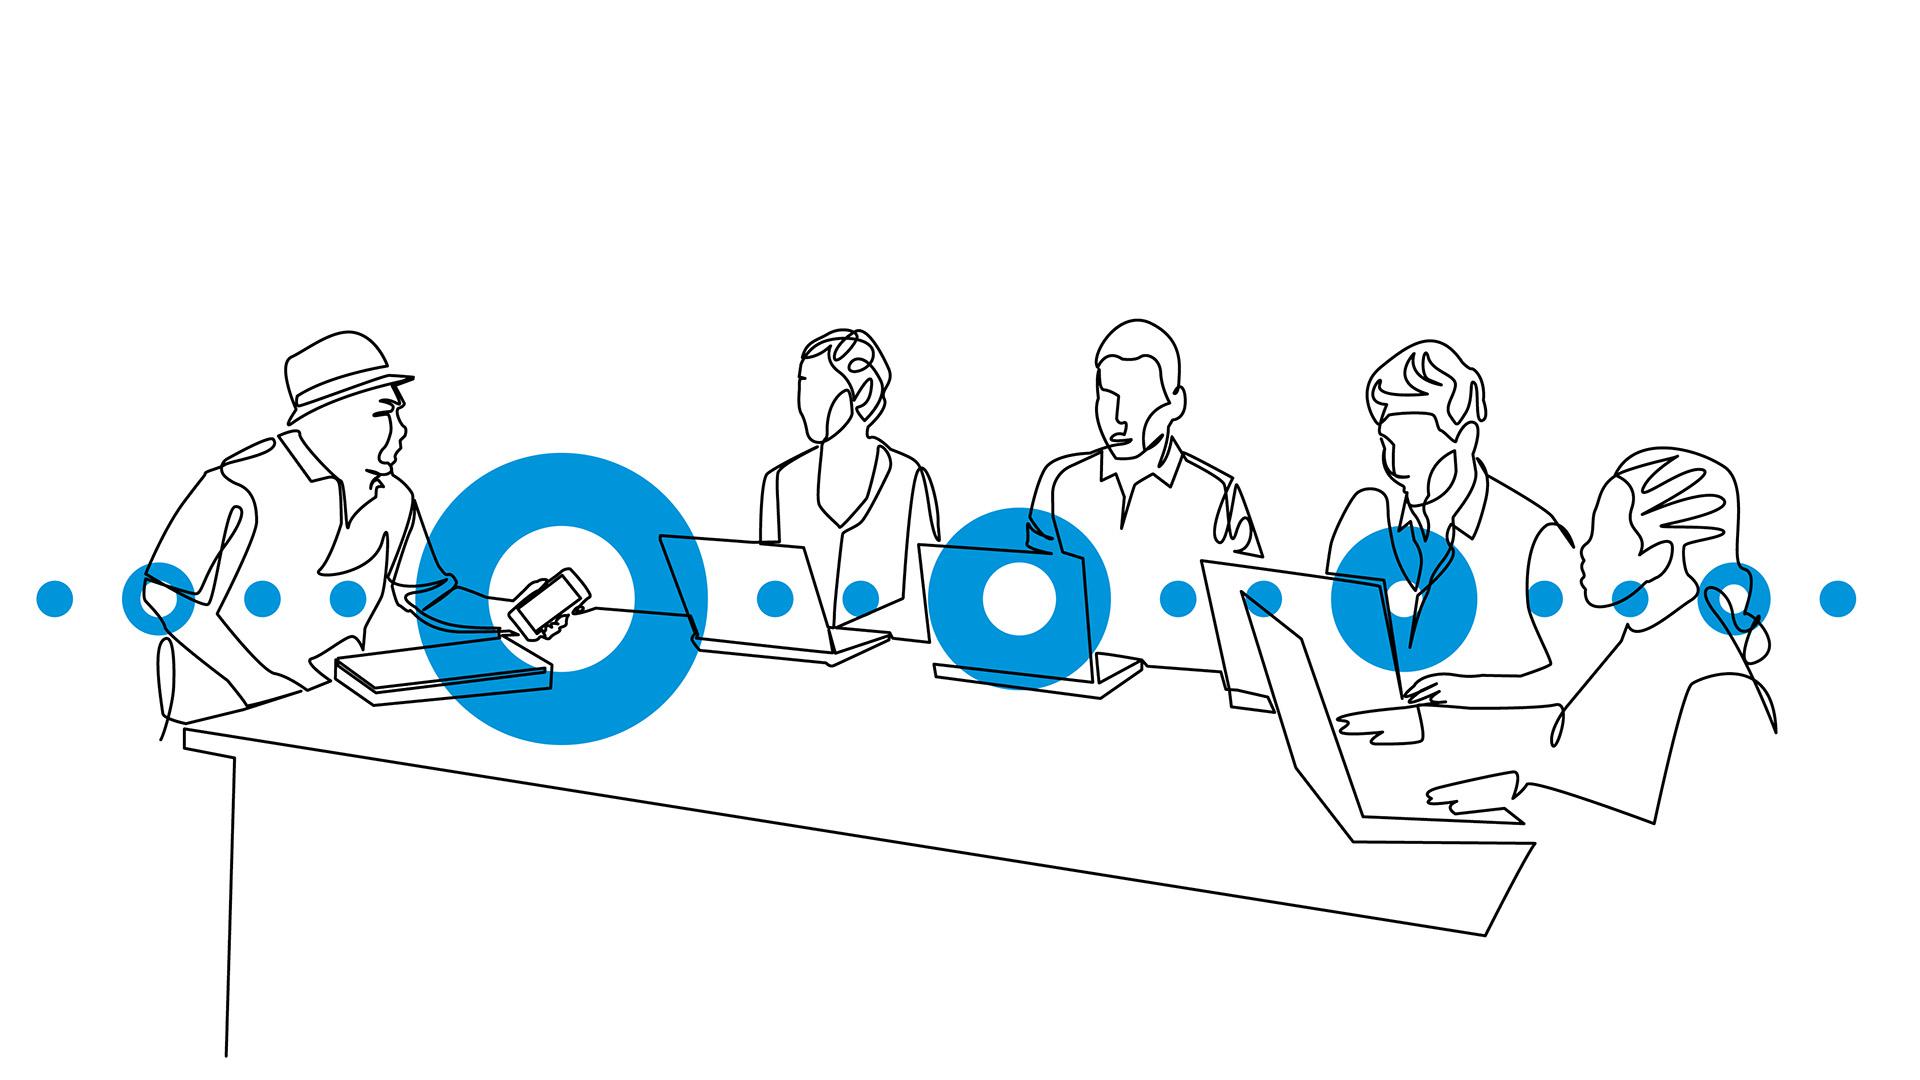 ESAO aktualitātes nodokļu jomā digitālajiem pakalpojumiem un to ekonomiskā ietekme